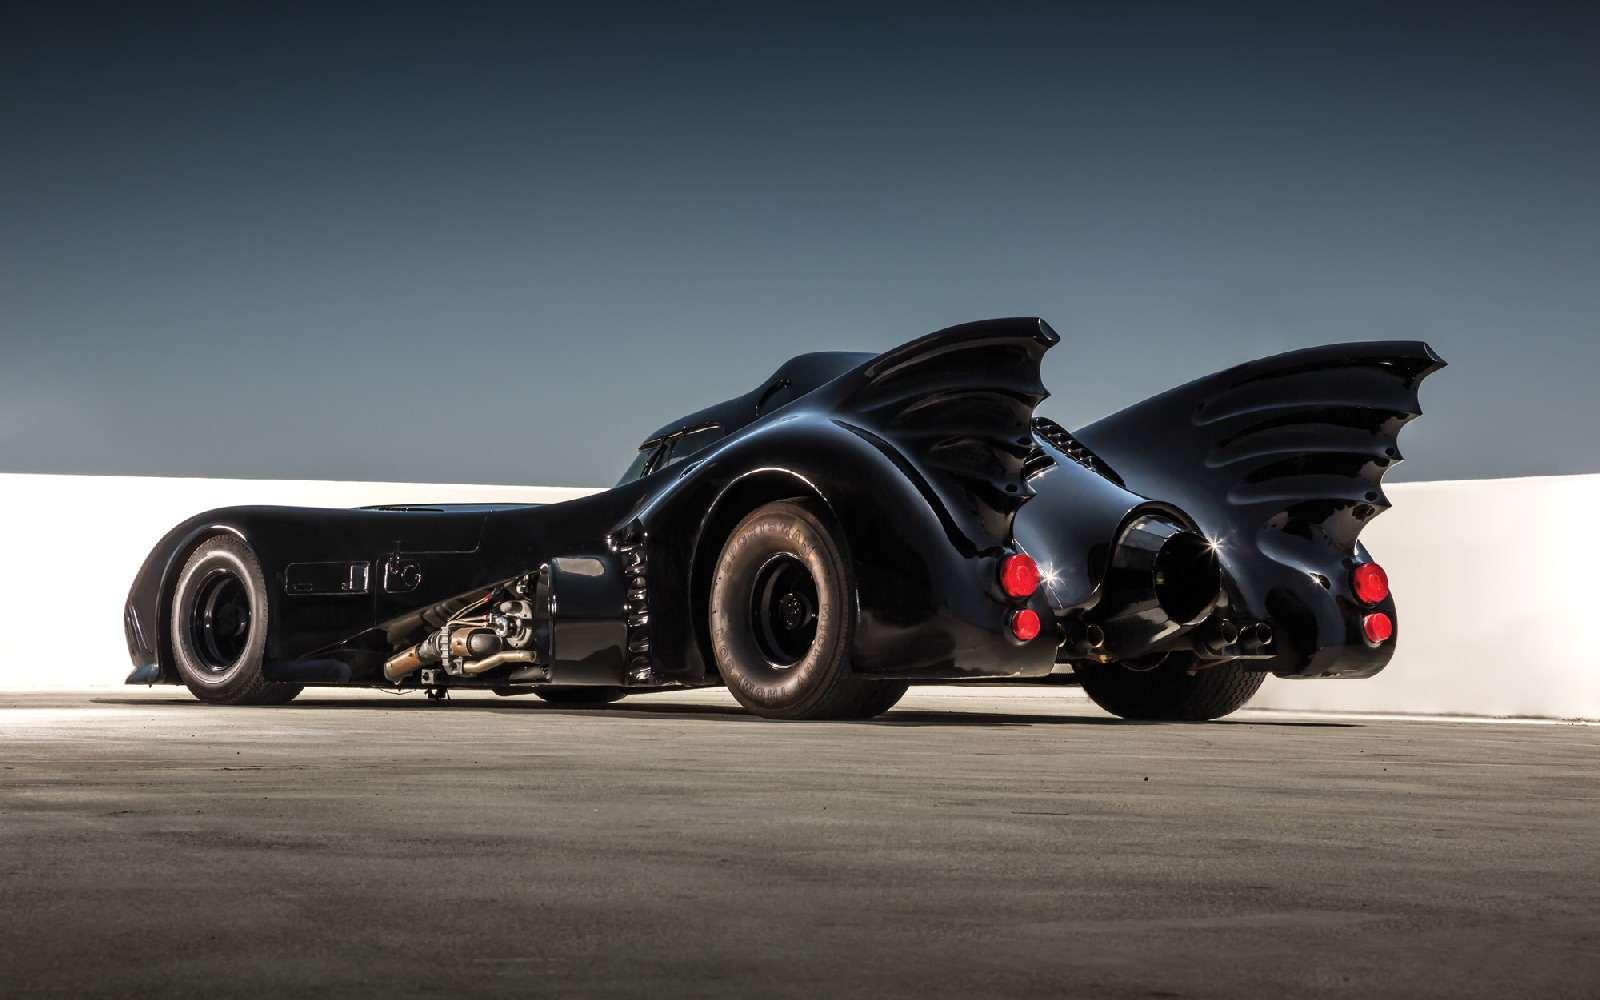 фото машины бэтмена для себя